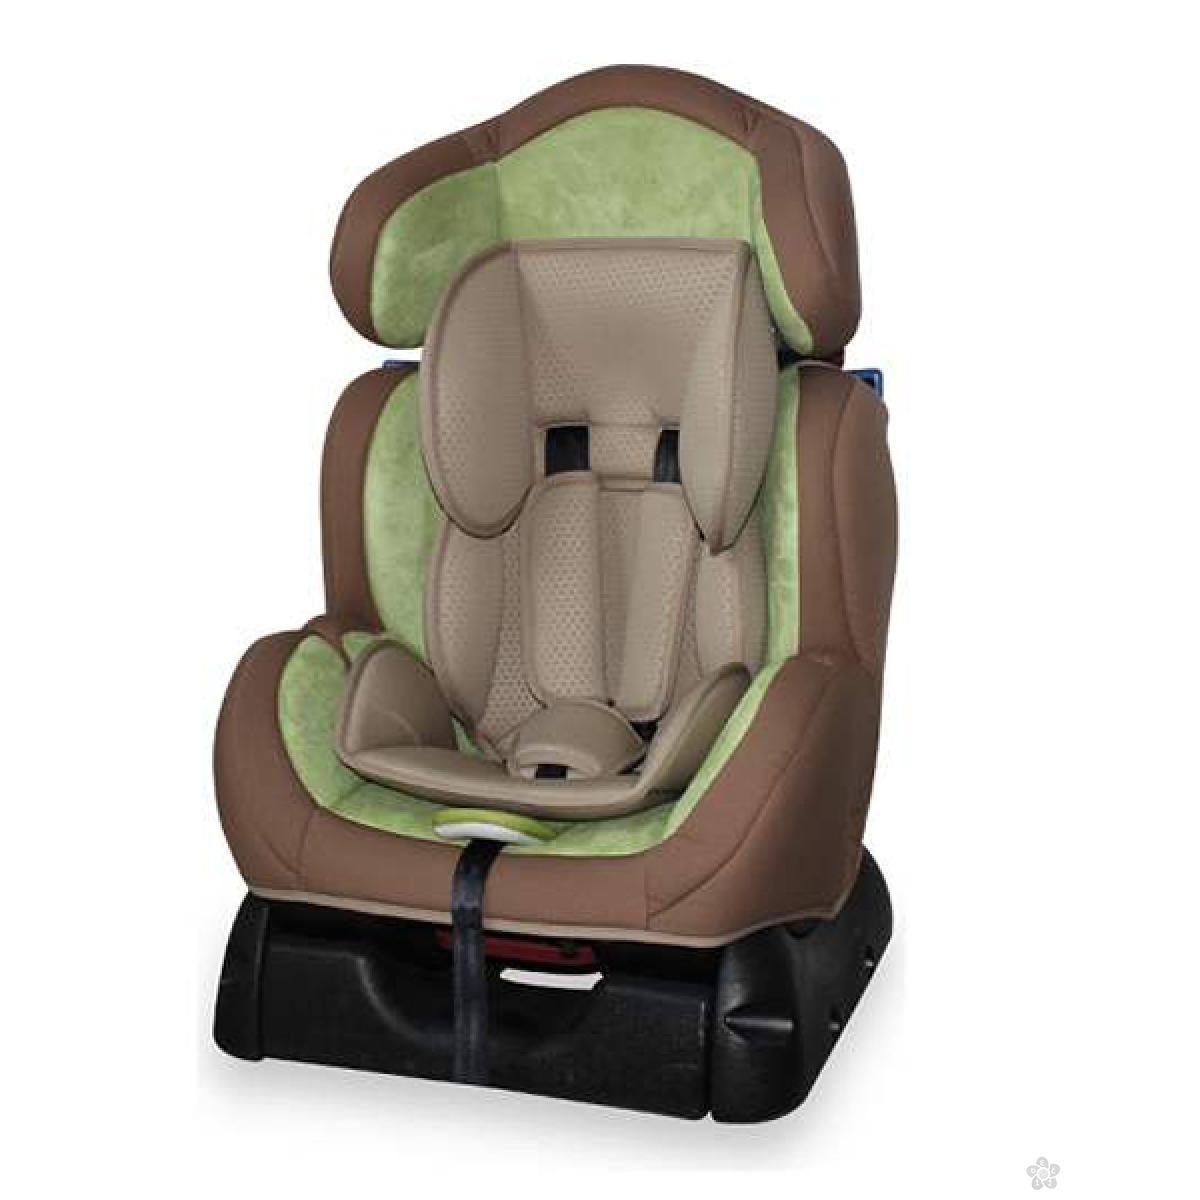 Auto Sedište Safeguard Green & Beige 0-25kg, 10070711661